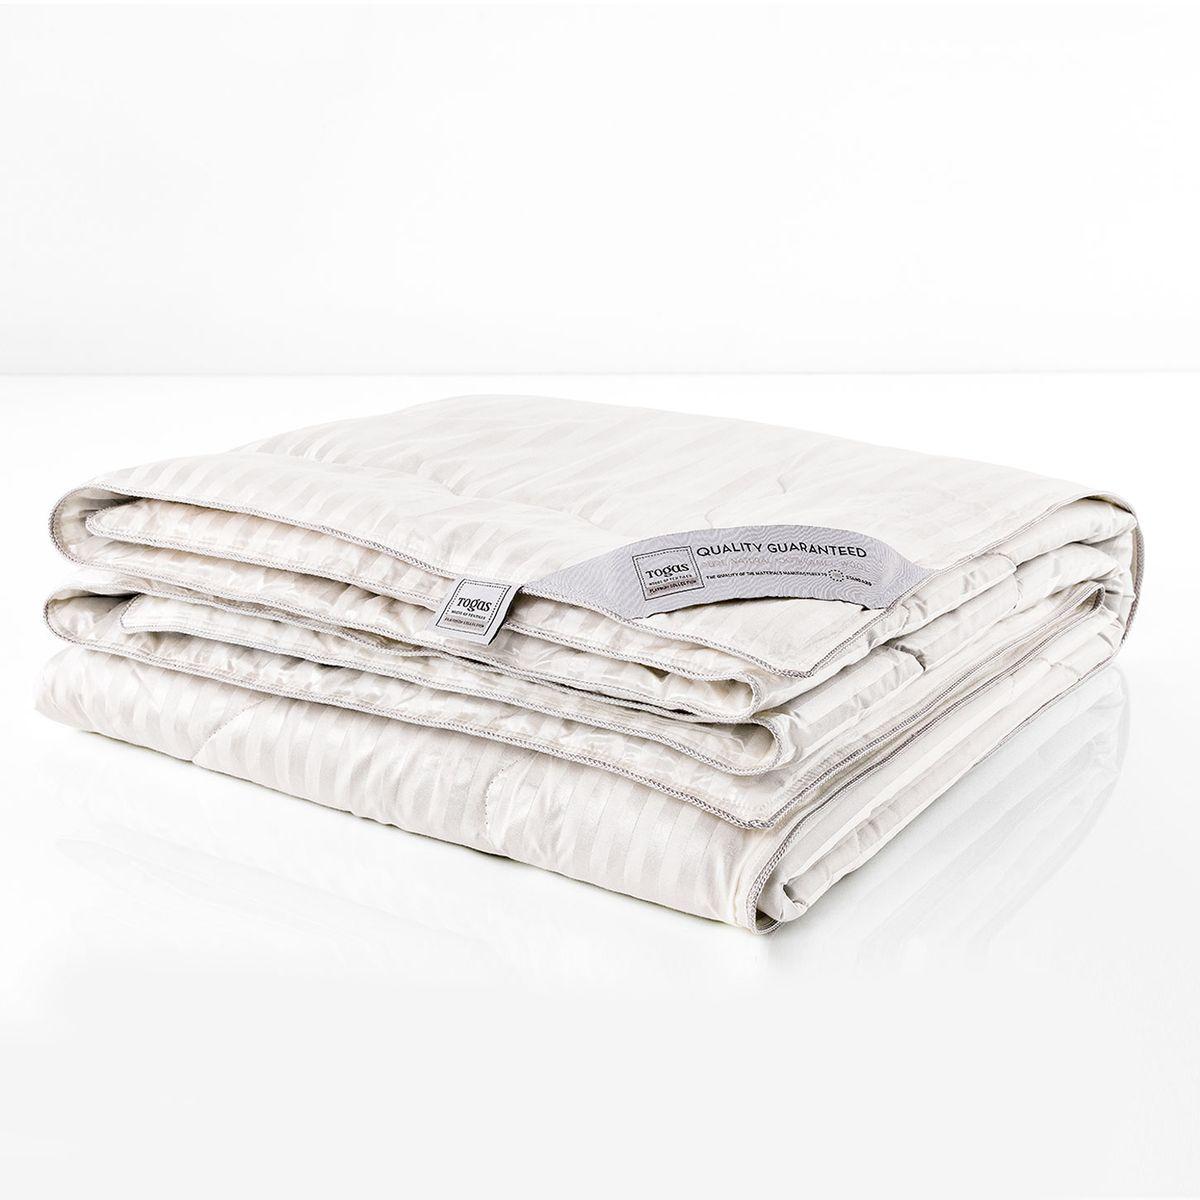 Одеяло Togas Верблюжья шерсть в шелке, наполнитель: шерсть, цвет: экрю, 140 х 200 см531-105Одеяло Togas Верблюжья шерсть в шелке оценят любители экологически чистых и натуральных материалов. Сон под таким одеялом наполнен небесными ощущениями. Верблюжья шерсть удивительно легкая, что делает одеяла с таким наполнителем практически невесомыми, воздушными. Словно облако нежного тепла подхватывает вас, расслабляя мышцы, окутывая заботой, окружая непревзойденным комфортом… Верблюжья шерсть прочнее и легче других видов шерсти, имеет полую структуру, благодаря чему превосходно удерживает тепло и одновременно дышит. Свойства шелка, из которого выполнен чехол одеяла, удивительны. Чистый шелк обладает антибактериальными и гипоаллергенными свойствами. Наполнитель из верблюжьей шерсти в сочетании с шелковым чехлом - это изысканный комфорт, окружающий вас каждую ночь.